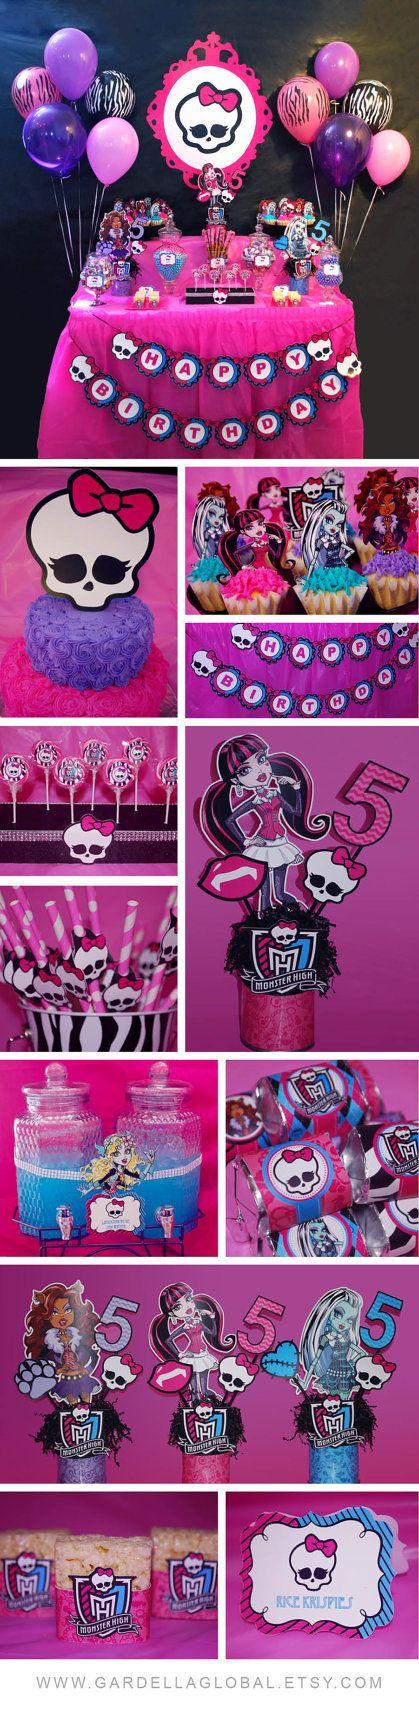 Monster High Invitation Monster High invite por GardellaGlobal ...